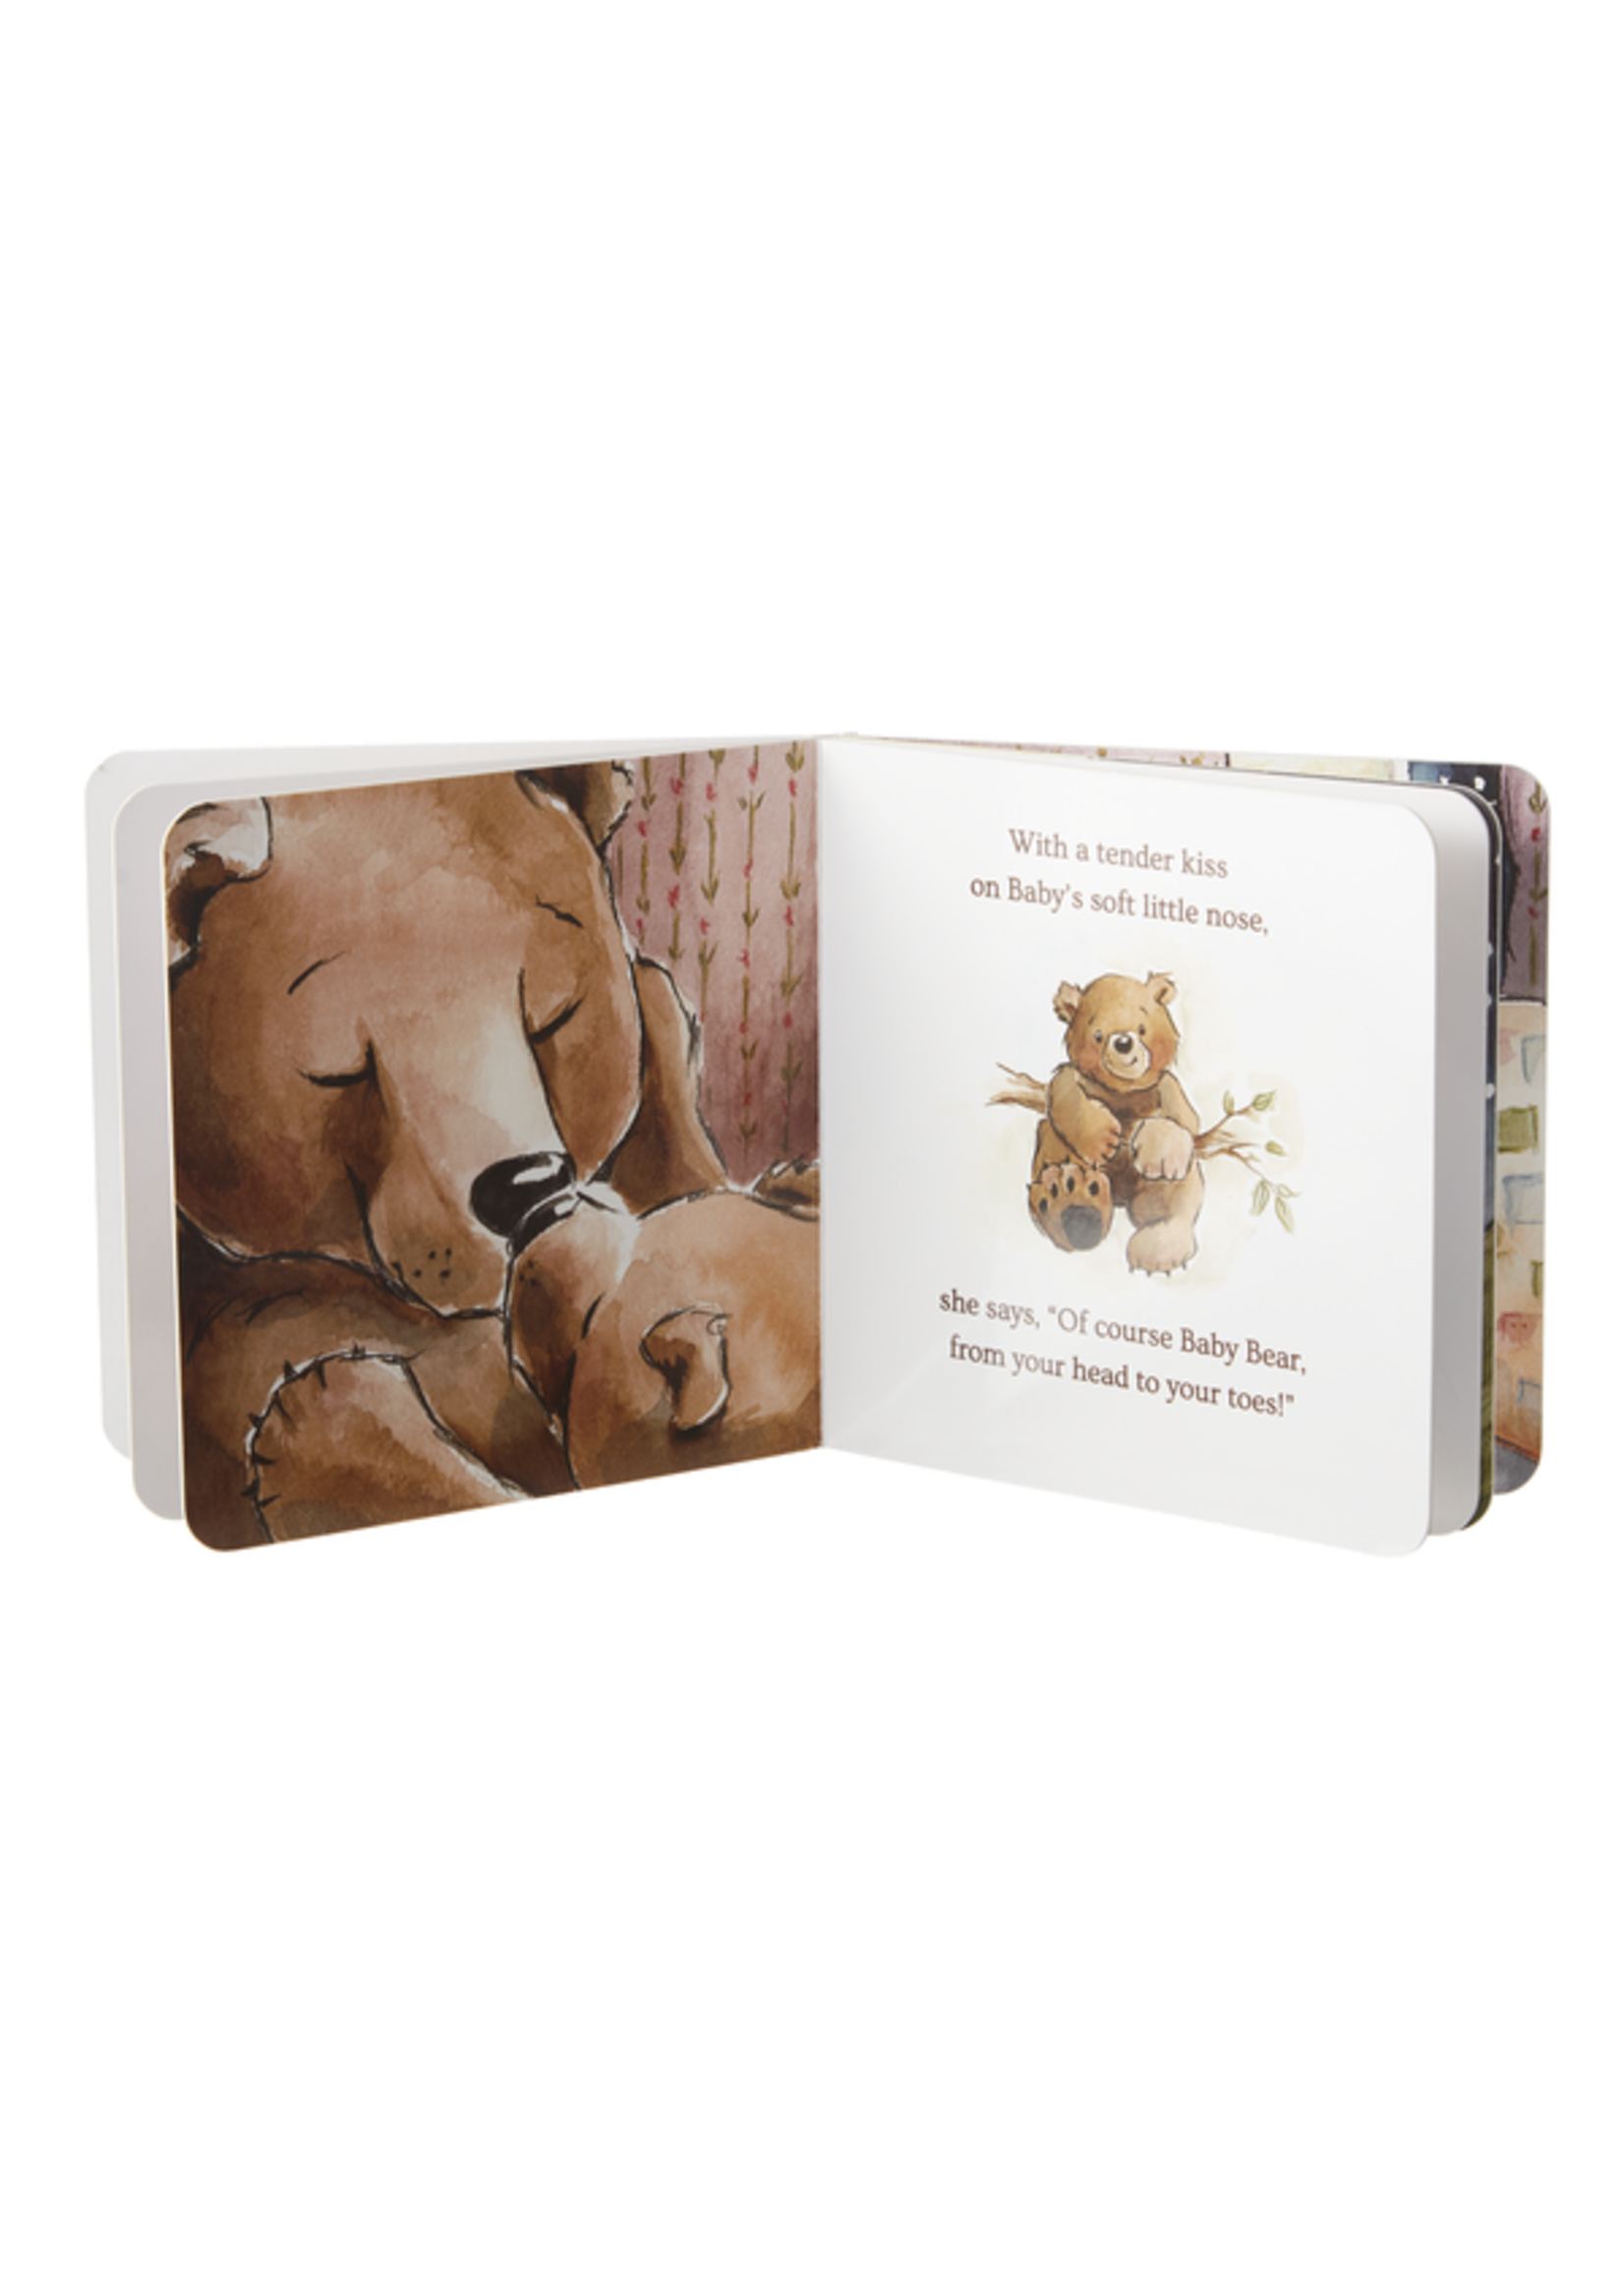 GANZ BOOK MAMA & BABY BEAR